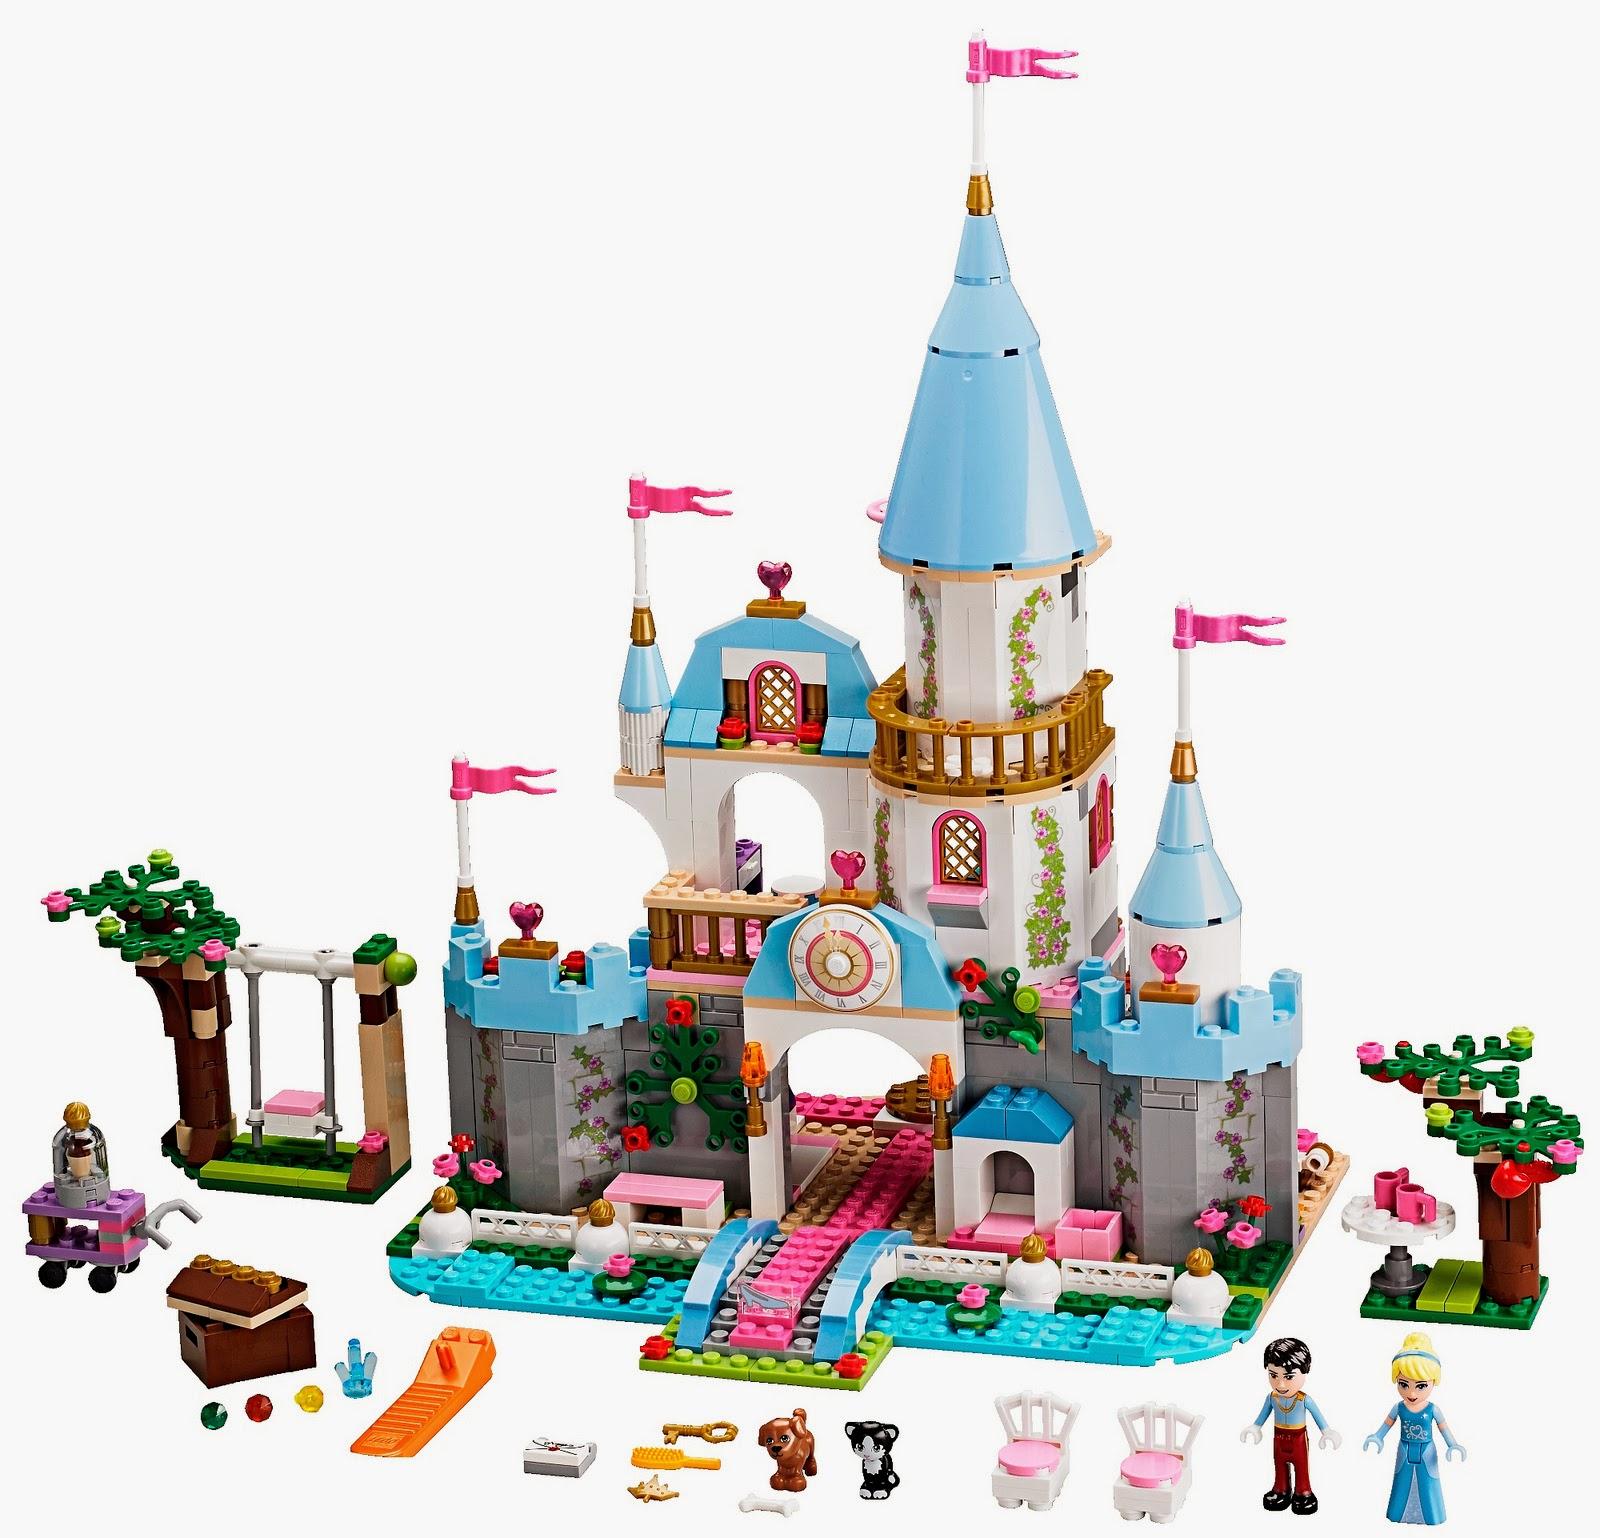 detoyz shop 2014 lego disney princess sets